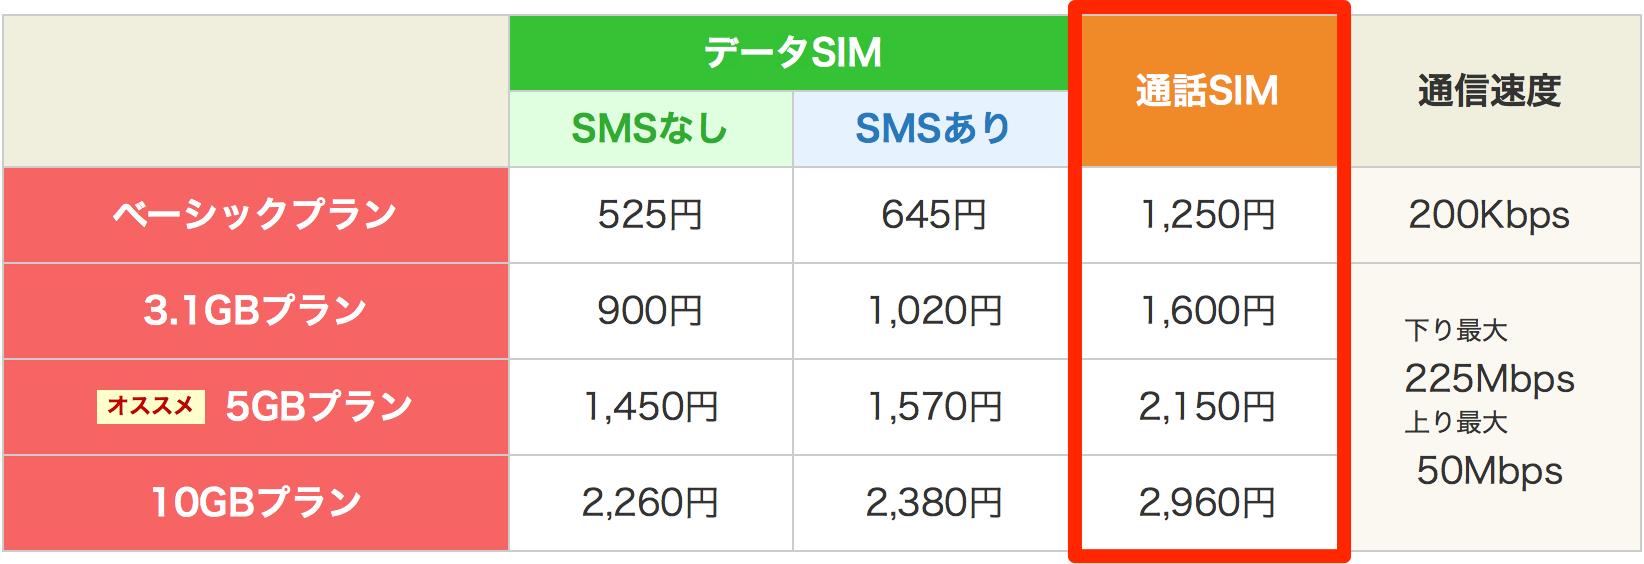 楽天モバイル 料金表